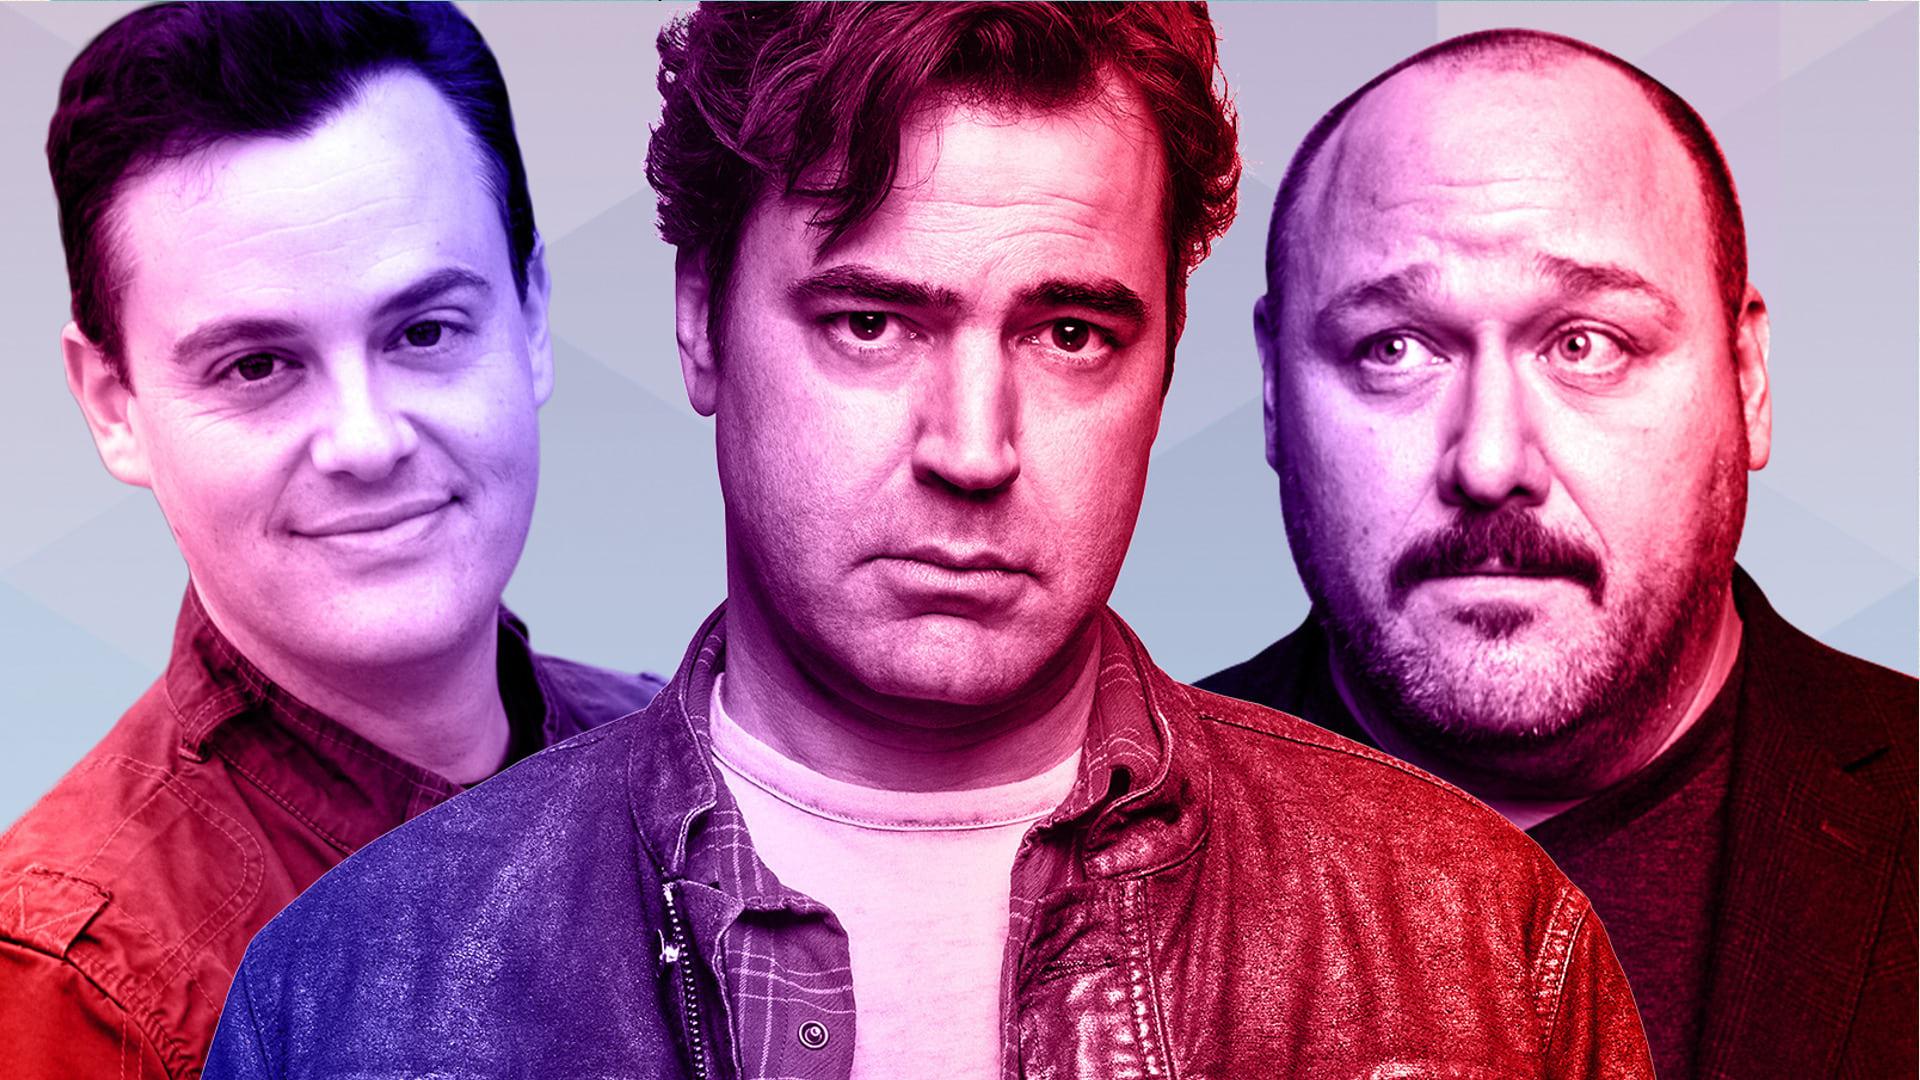 Amazon Prime Video neemt komedieserie Loudermilk over